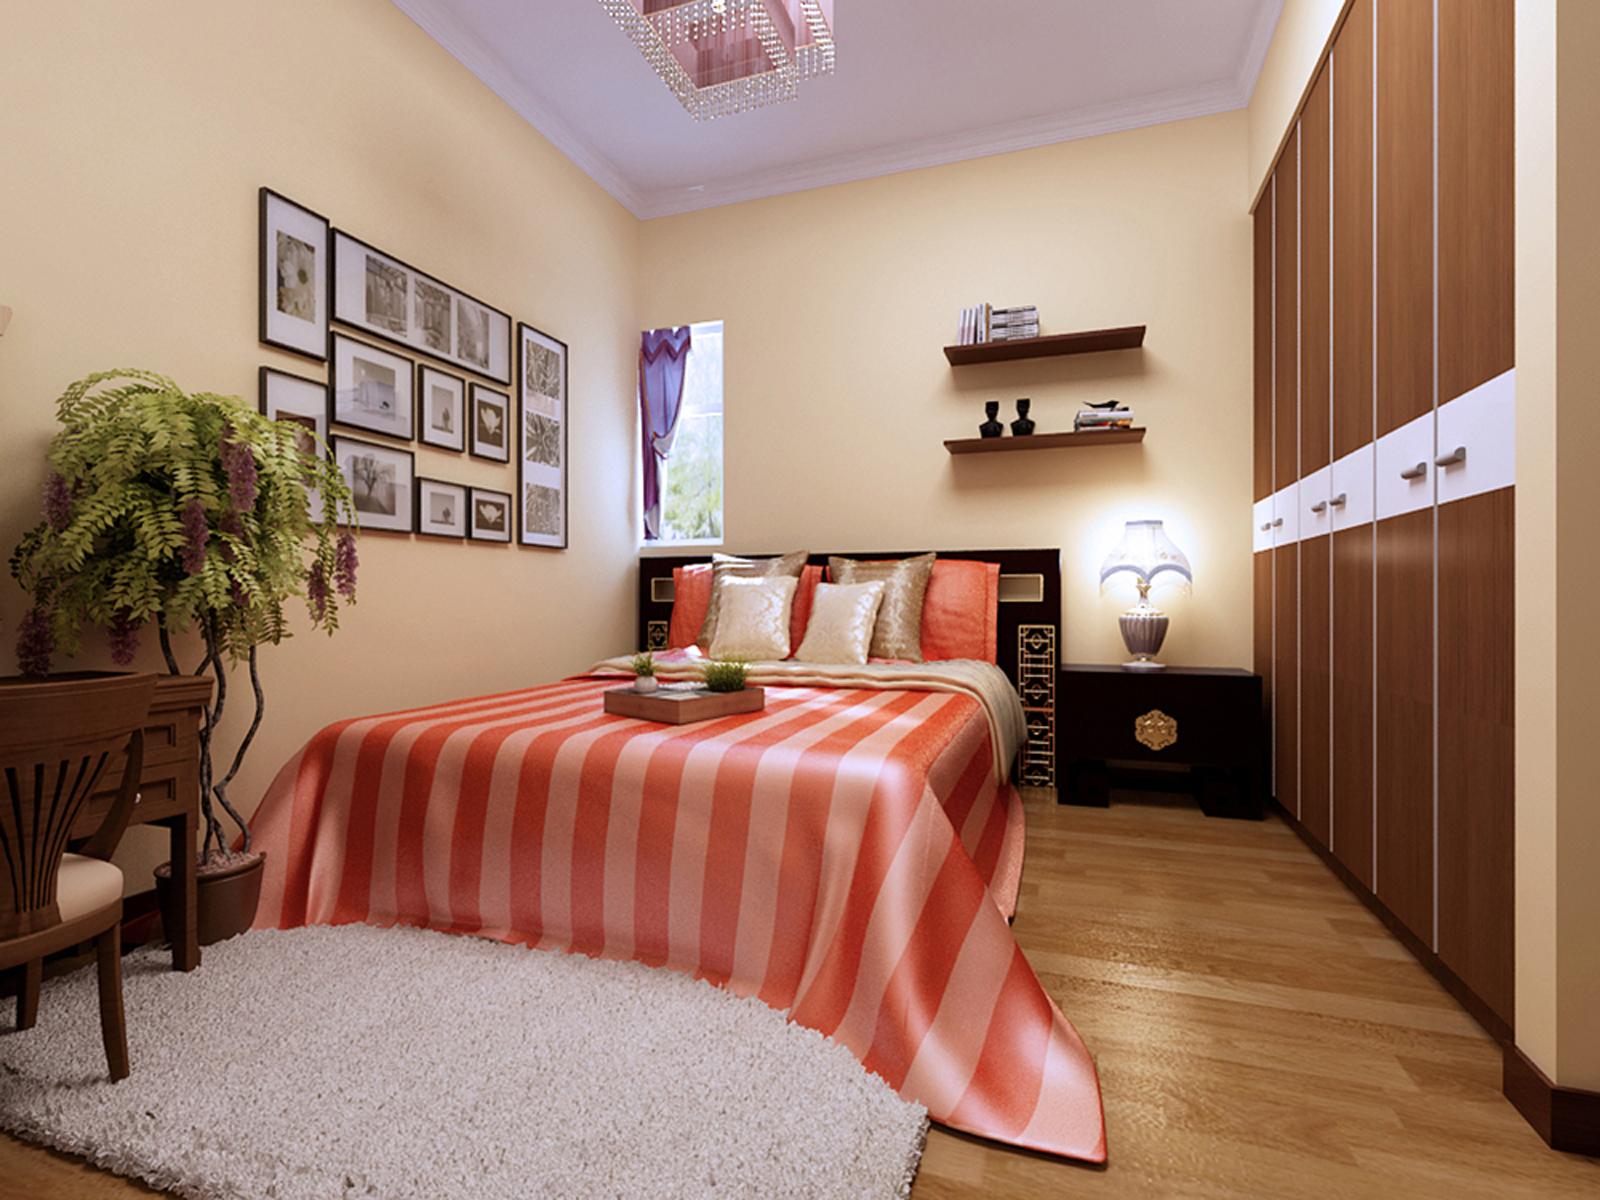 混搭 一居室装修 新房装修 卧室图片来自实创装饰上海公司在虚实隐现的禅意空间的分享